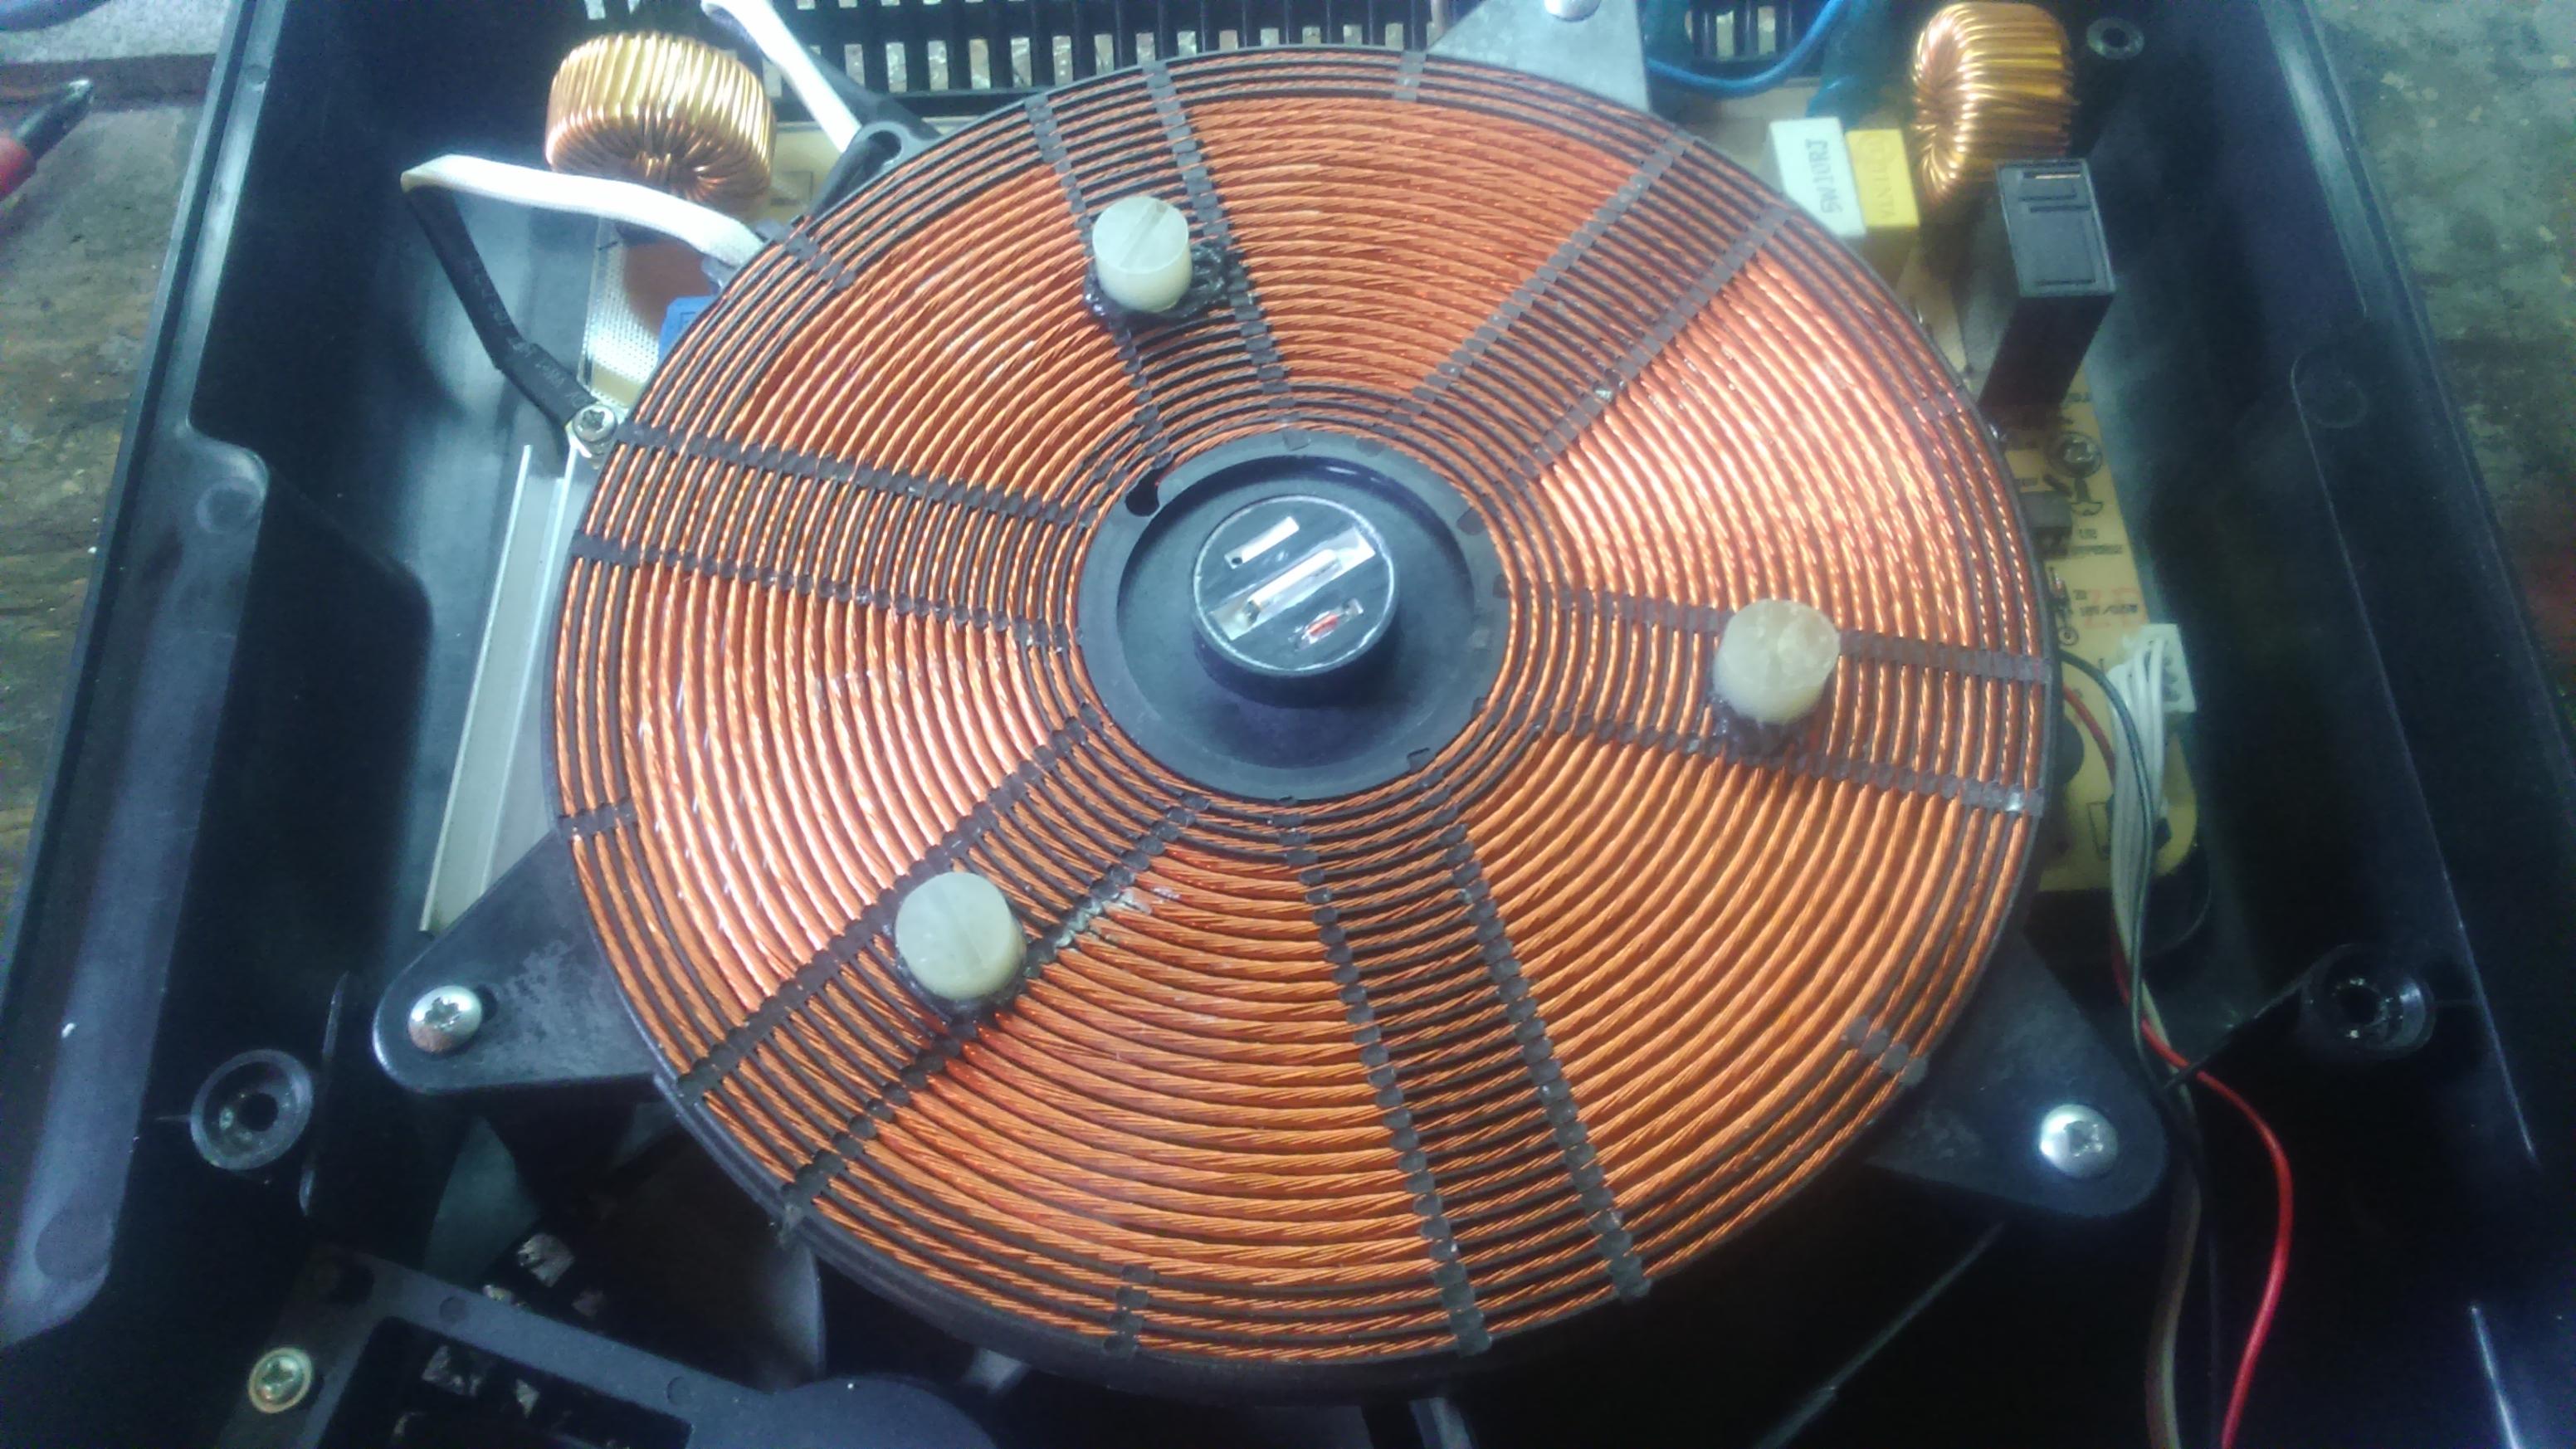 Quigg Ik 4000 13 Plyta Indukcyjna Blad E0 Elektroda Pl